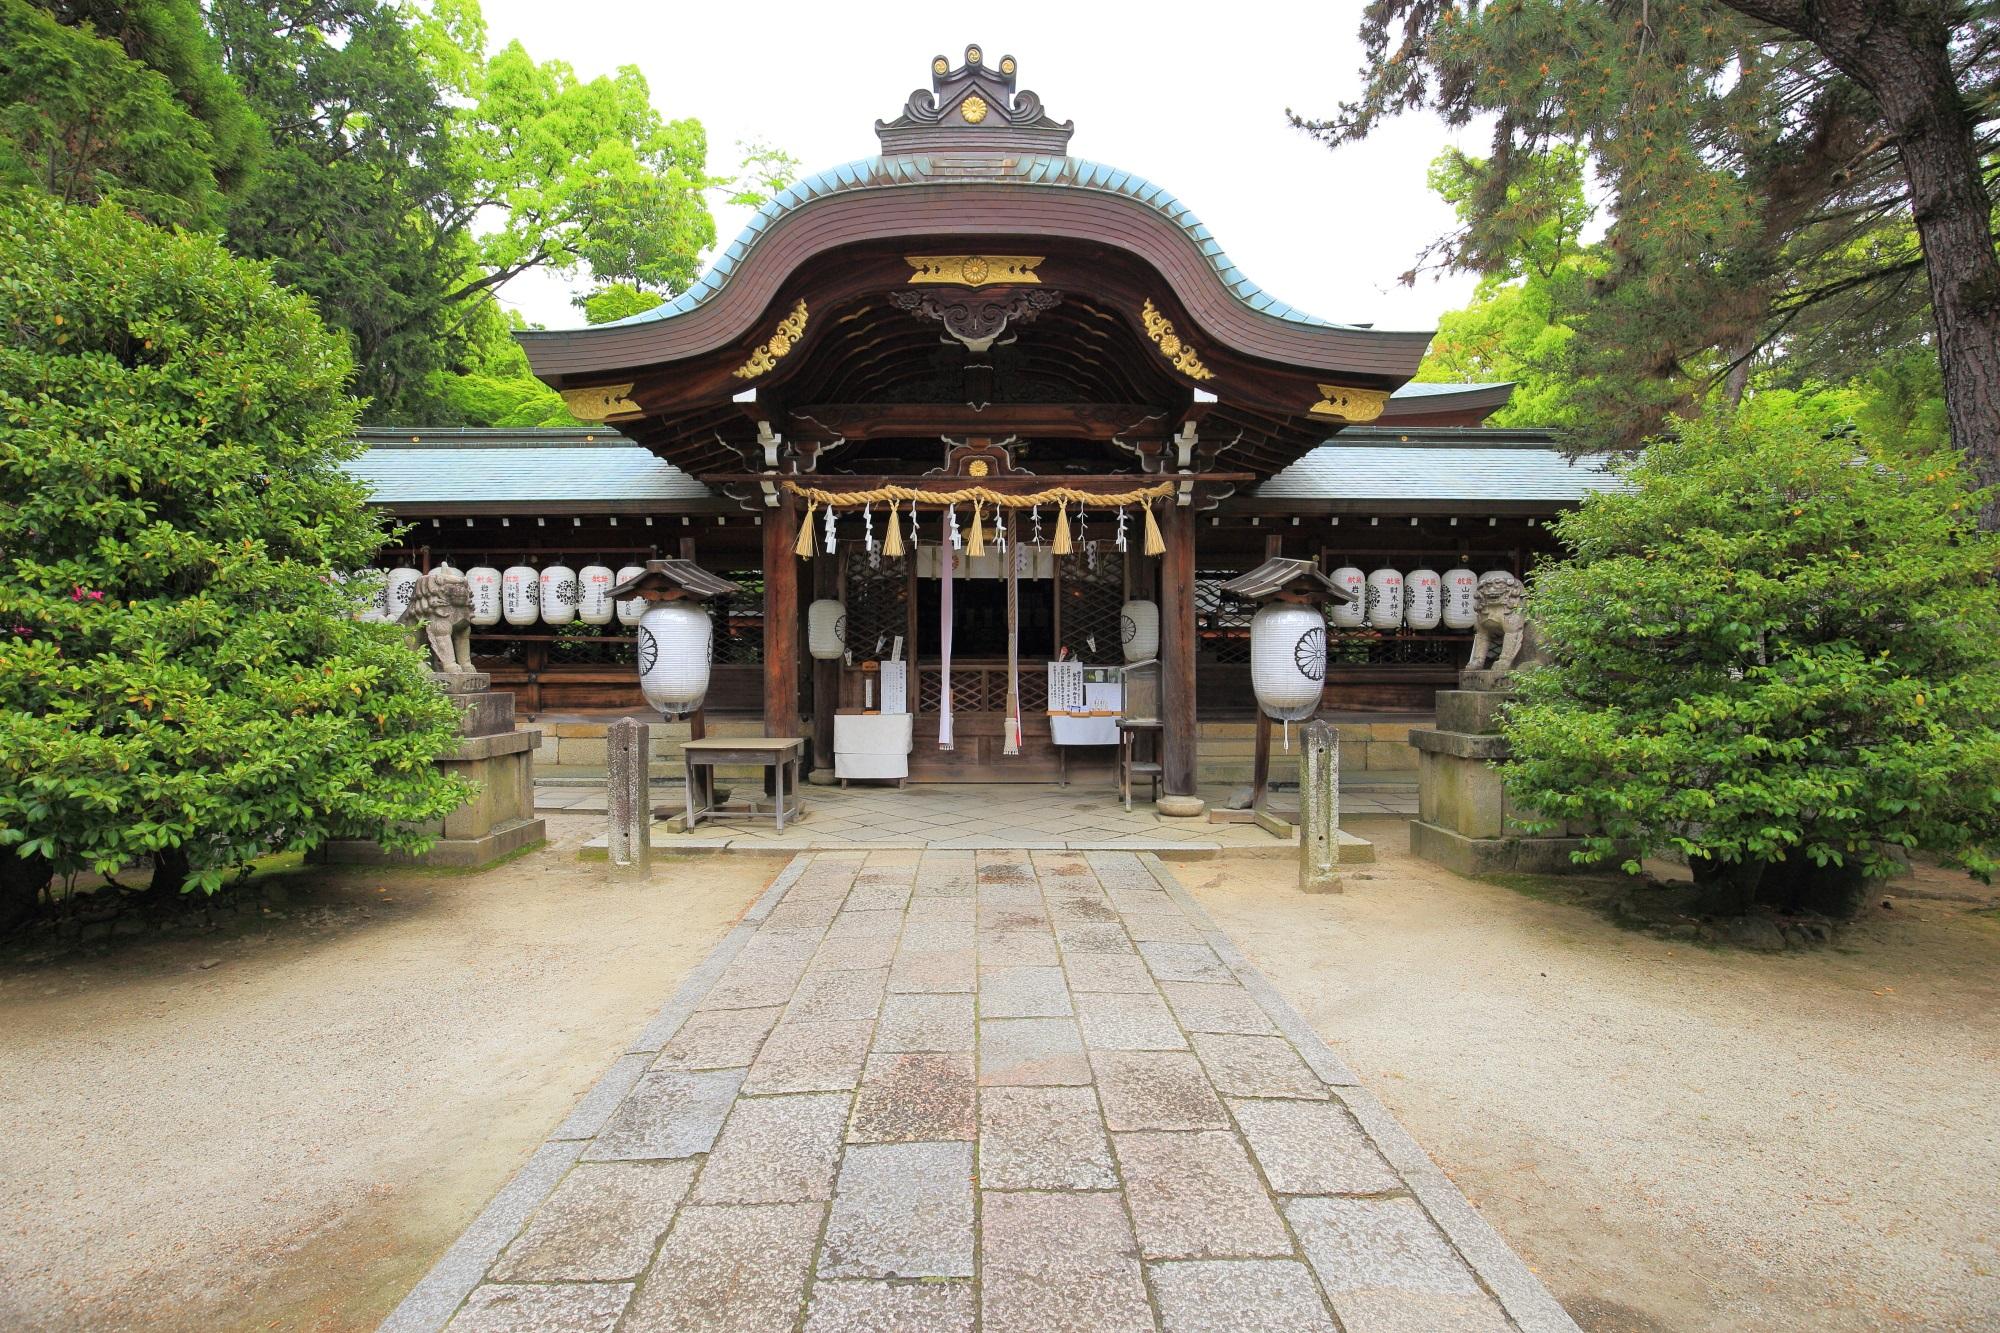 凛として構える上御霊神社の本殿